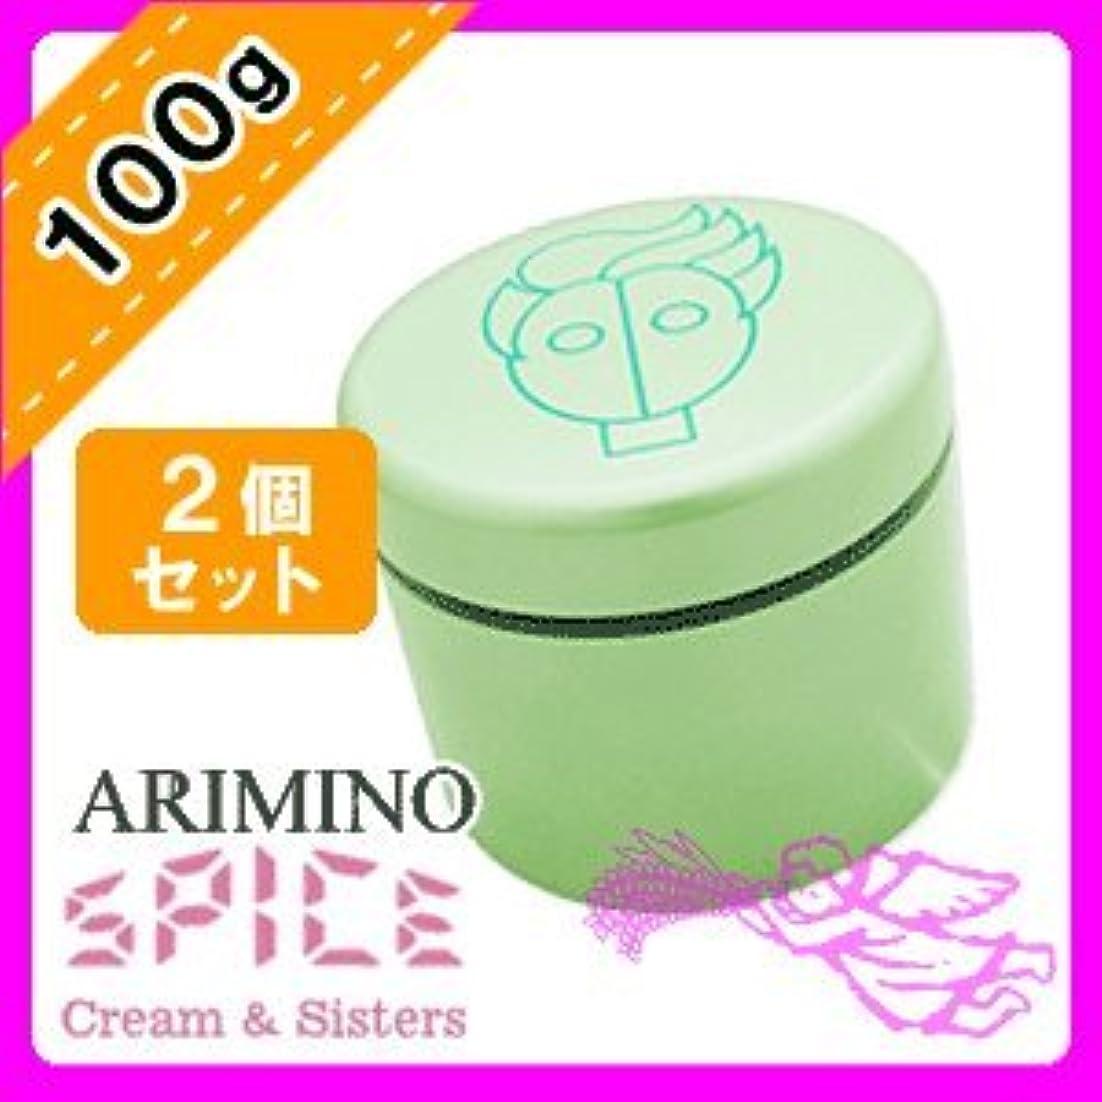 取り除く依存忌避剤アリミノ スパイスネオ グリースワックス100g ×2個 セット arimino SPICE